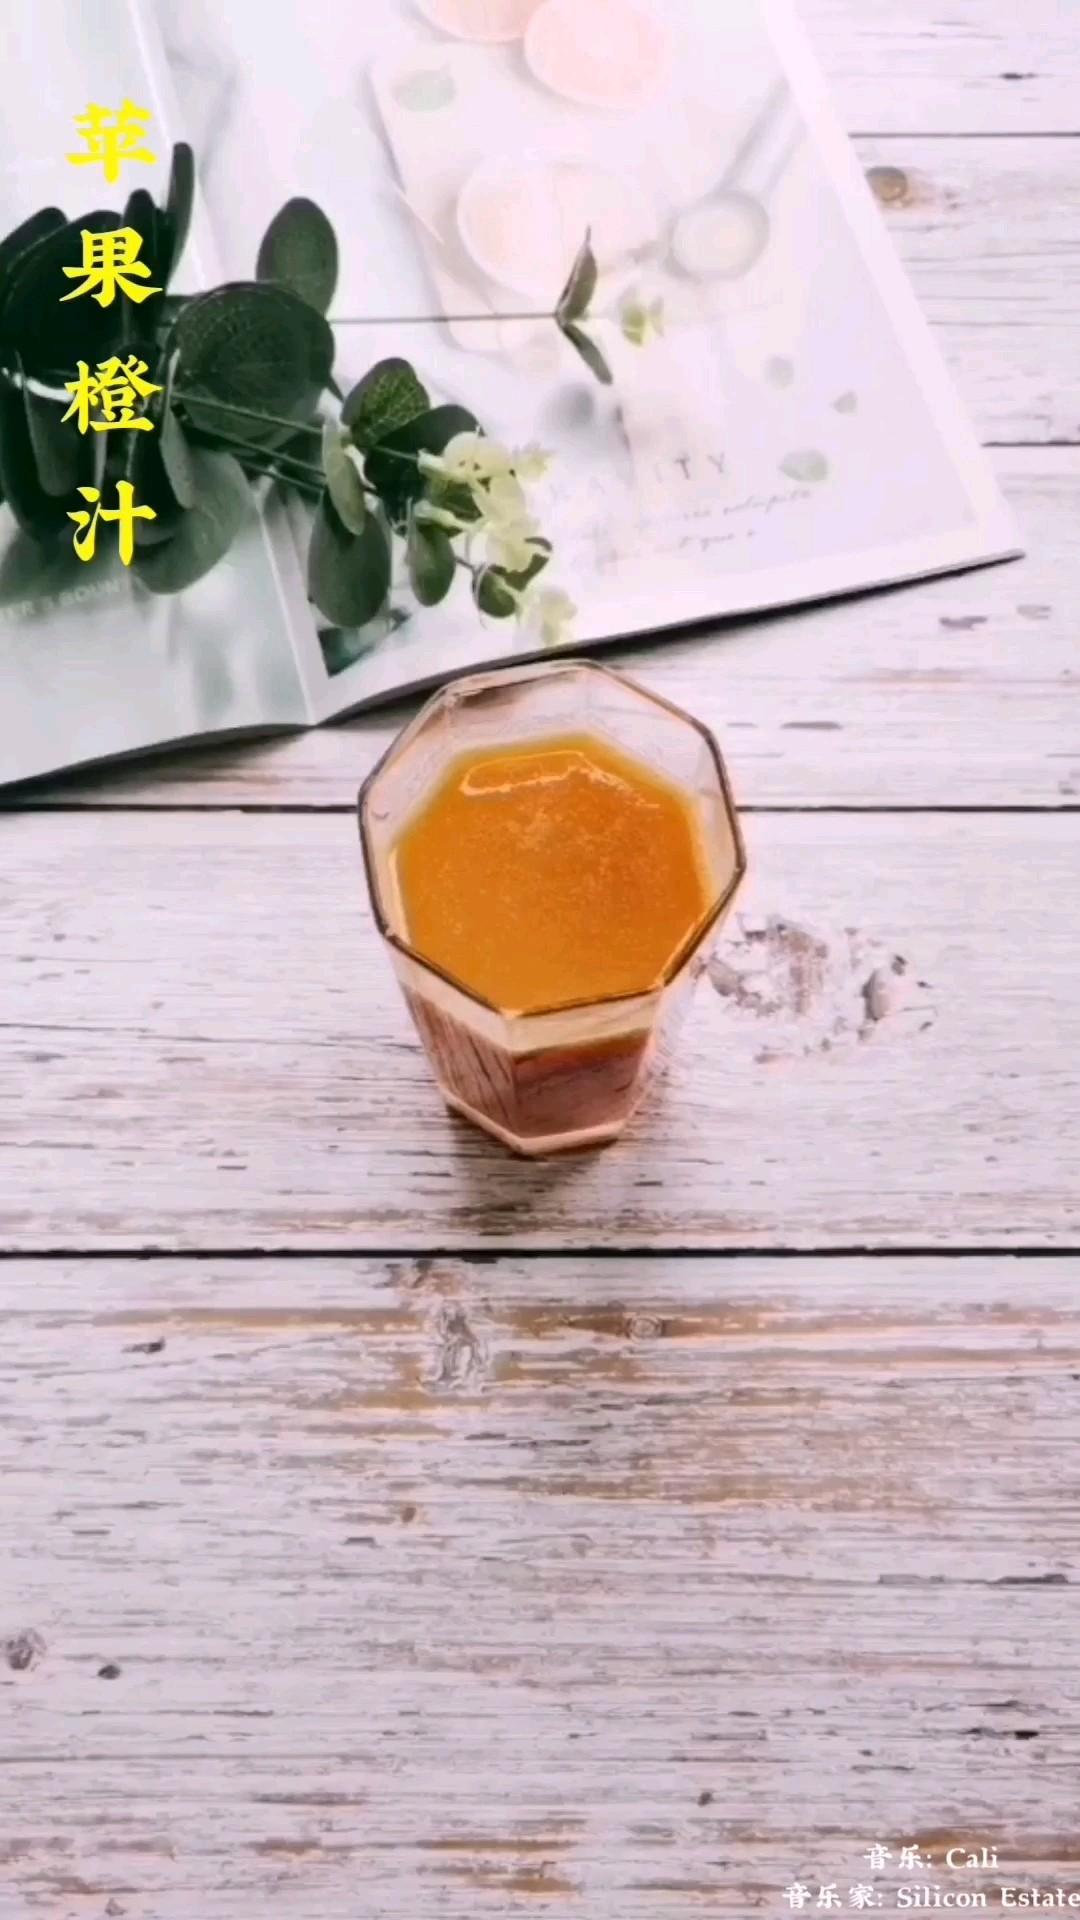 做法简单的好喝果汁,补充满满维生素